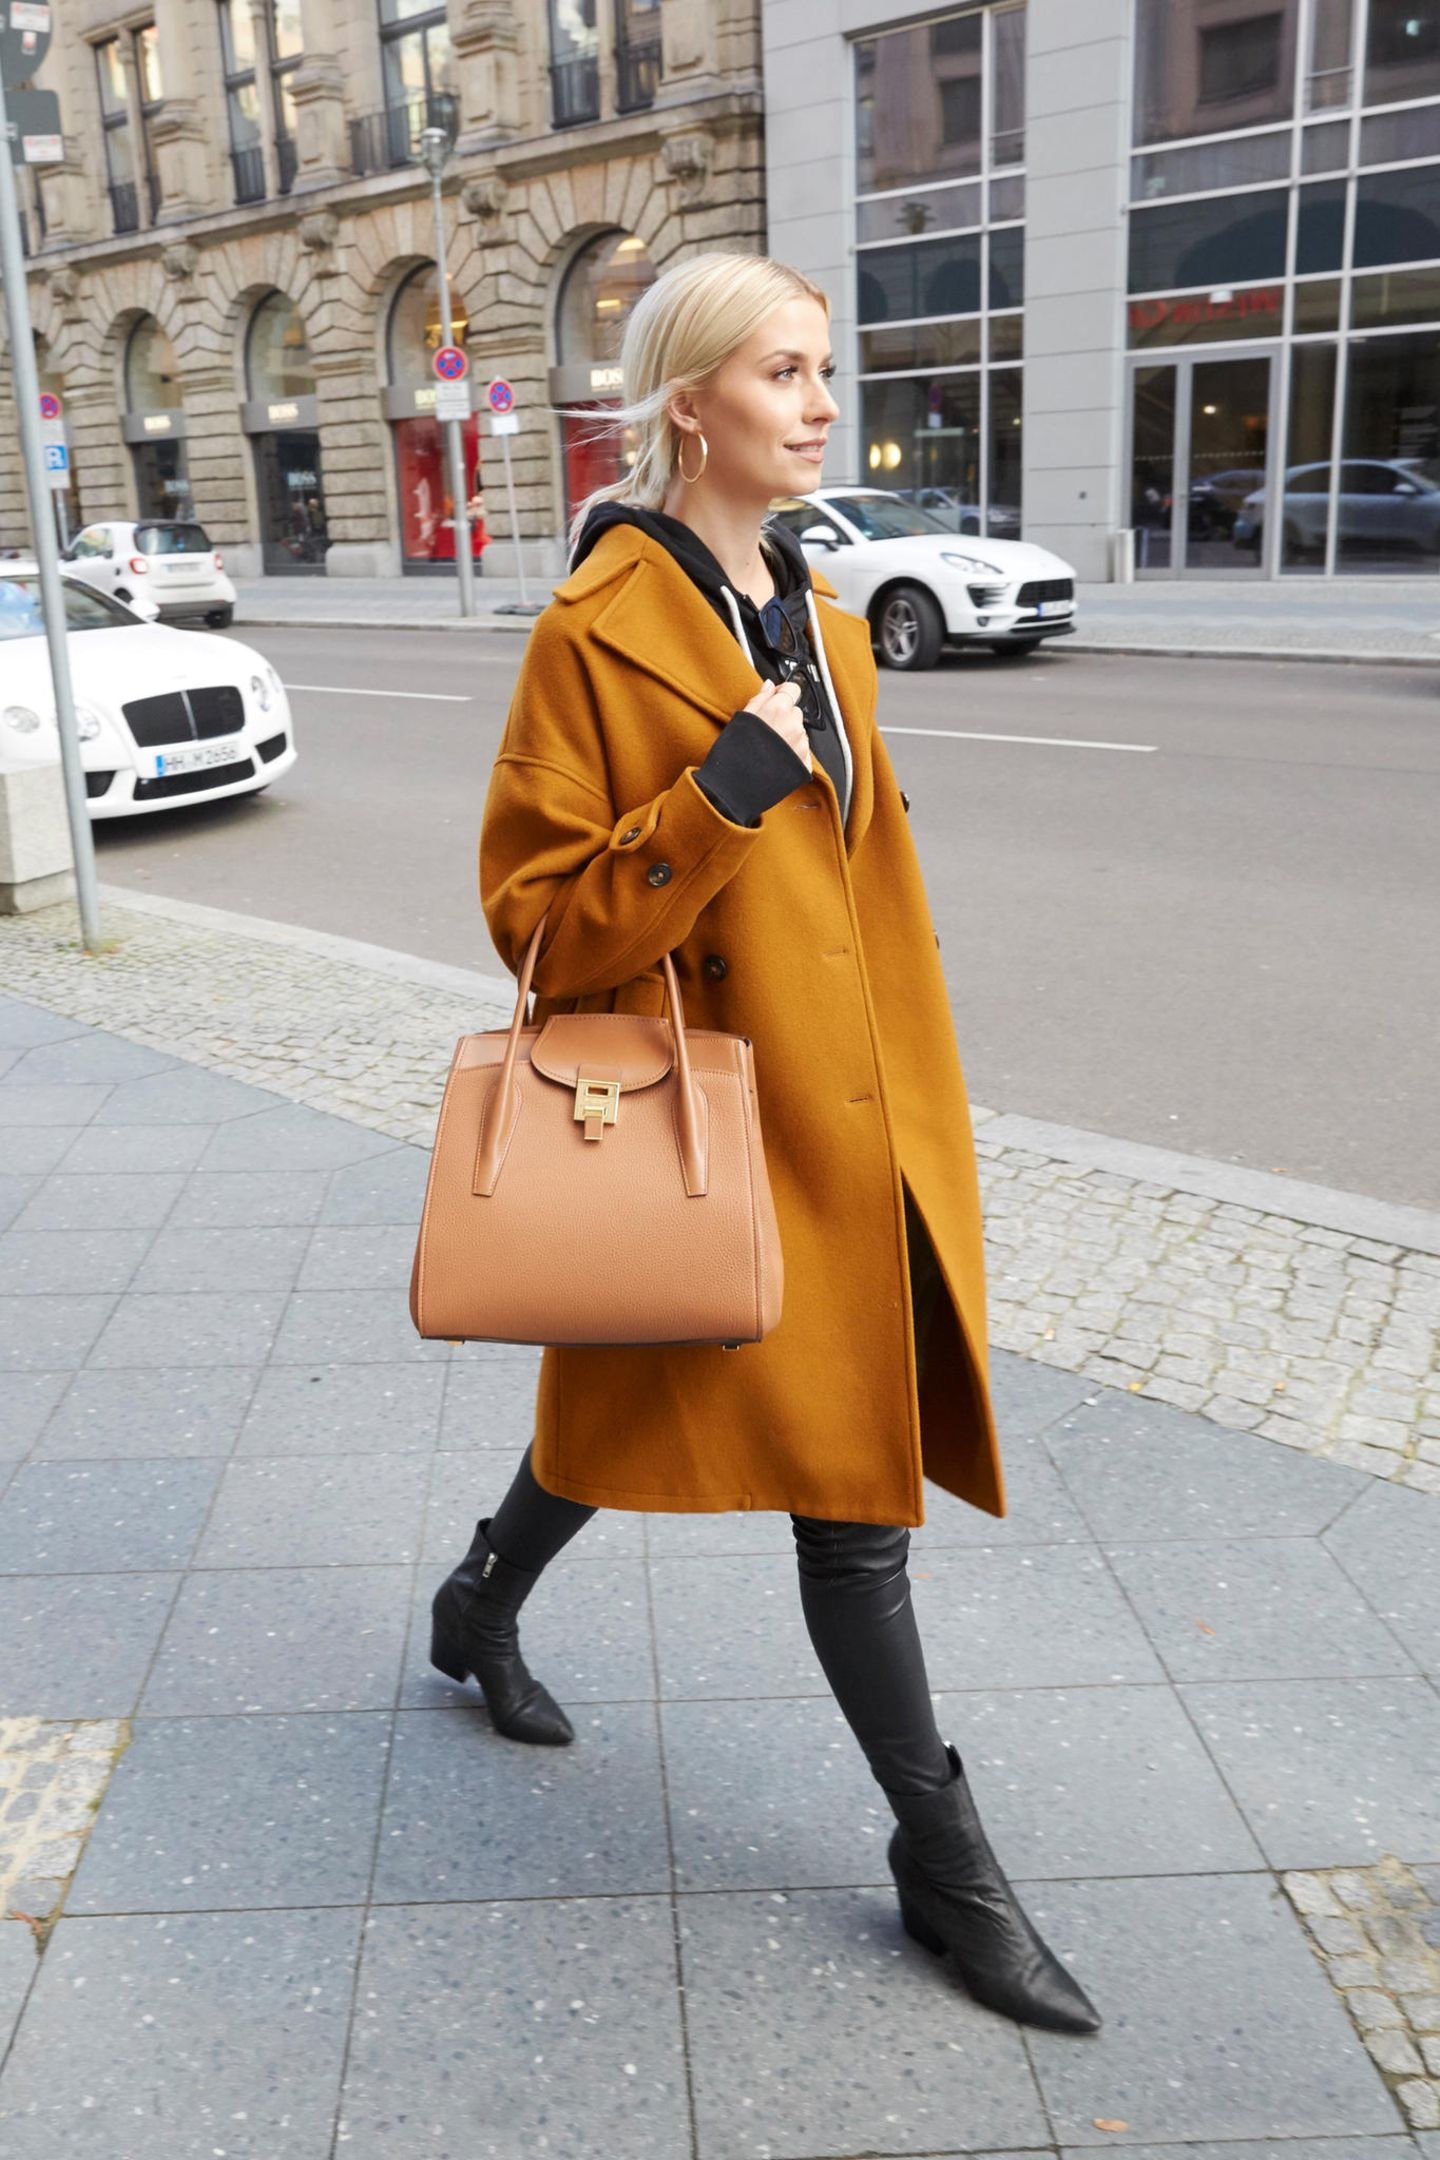 Denn auch das deutsche Model Lena Gercke liebt das Modell. Sie kombiniert es lässig zum Alltagslook.